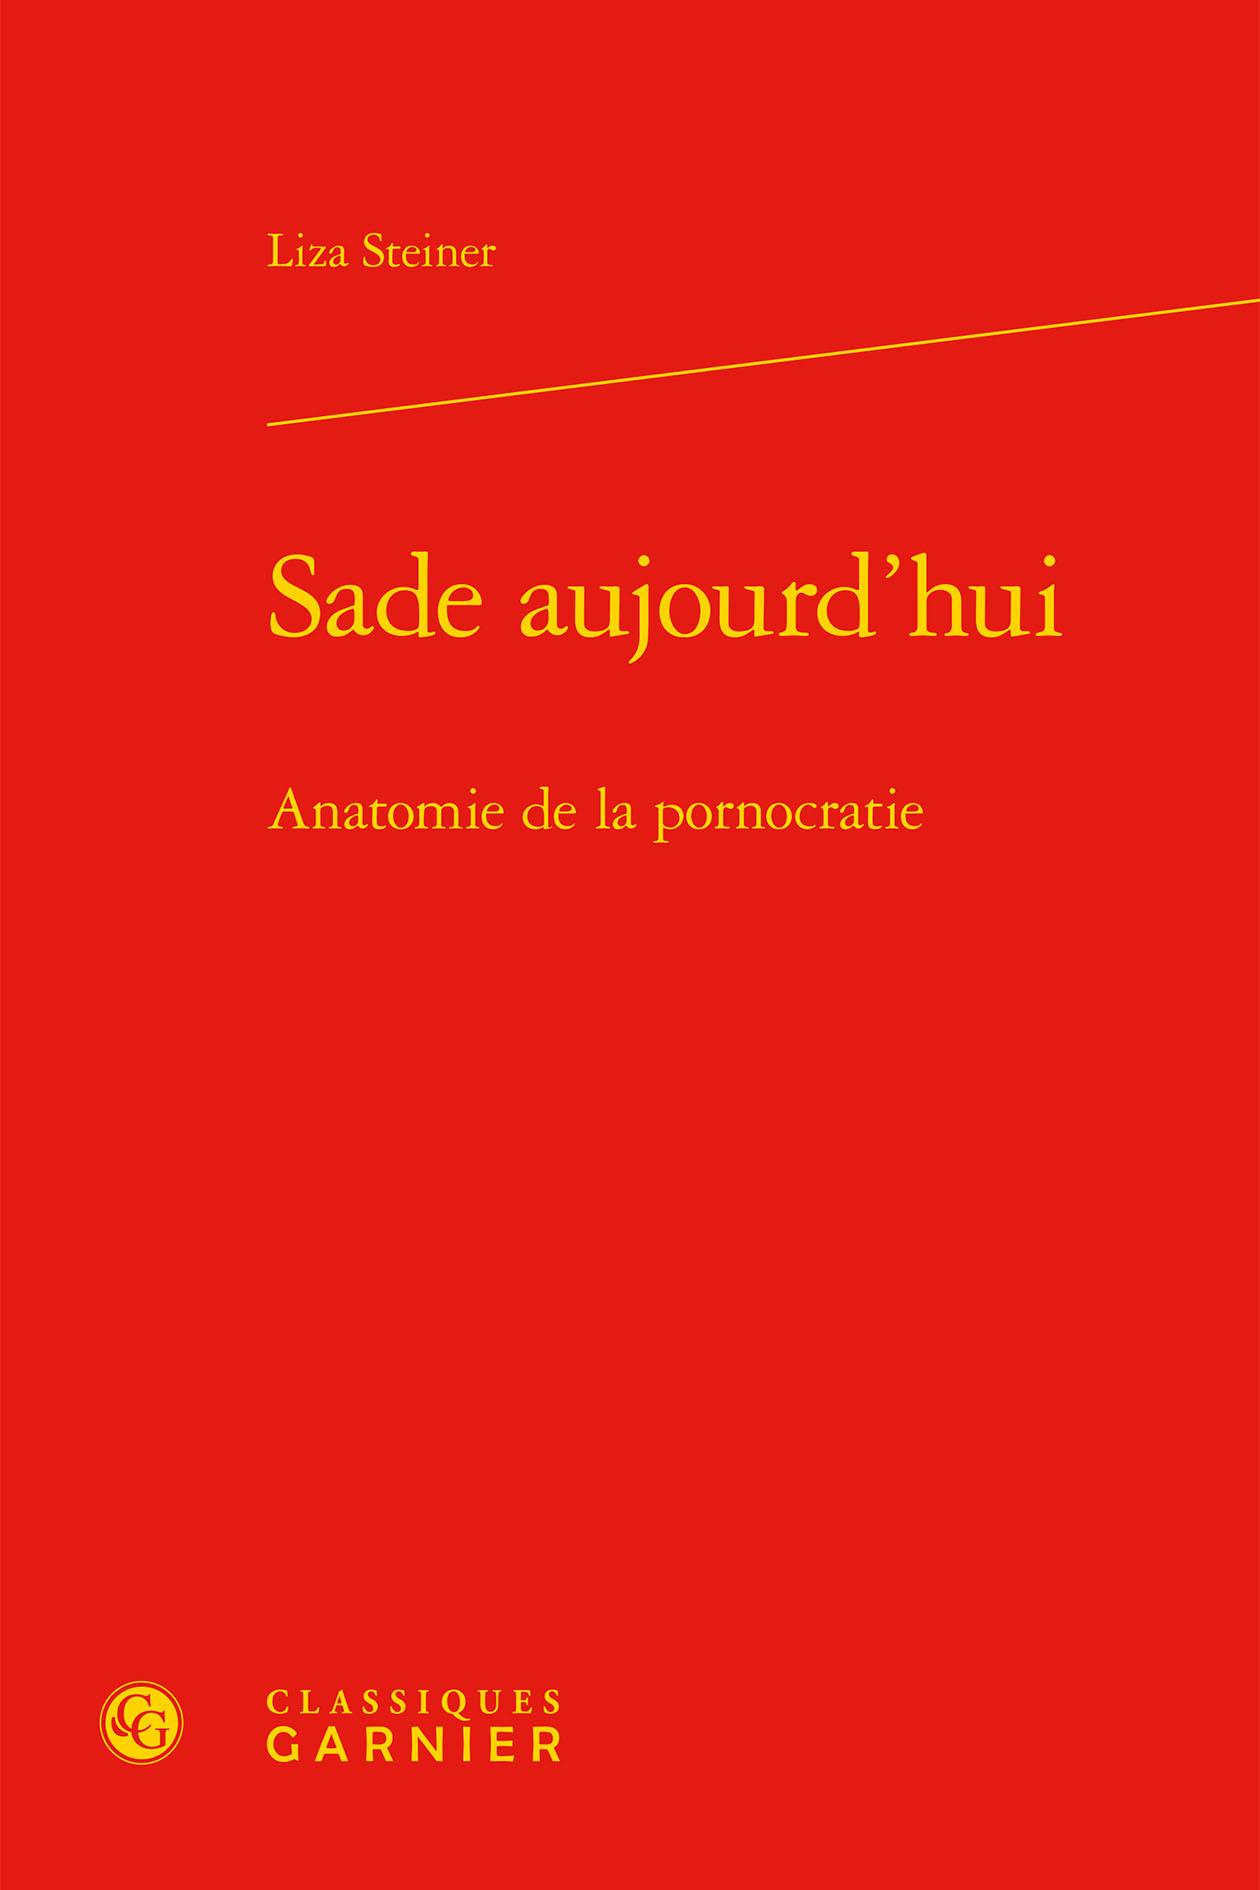 SADE AUJOURD'HUI - ANATOMIE DE LA PORNOCRATIE